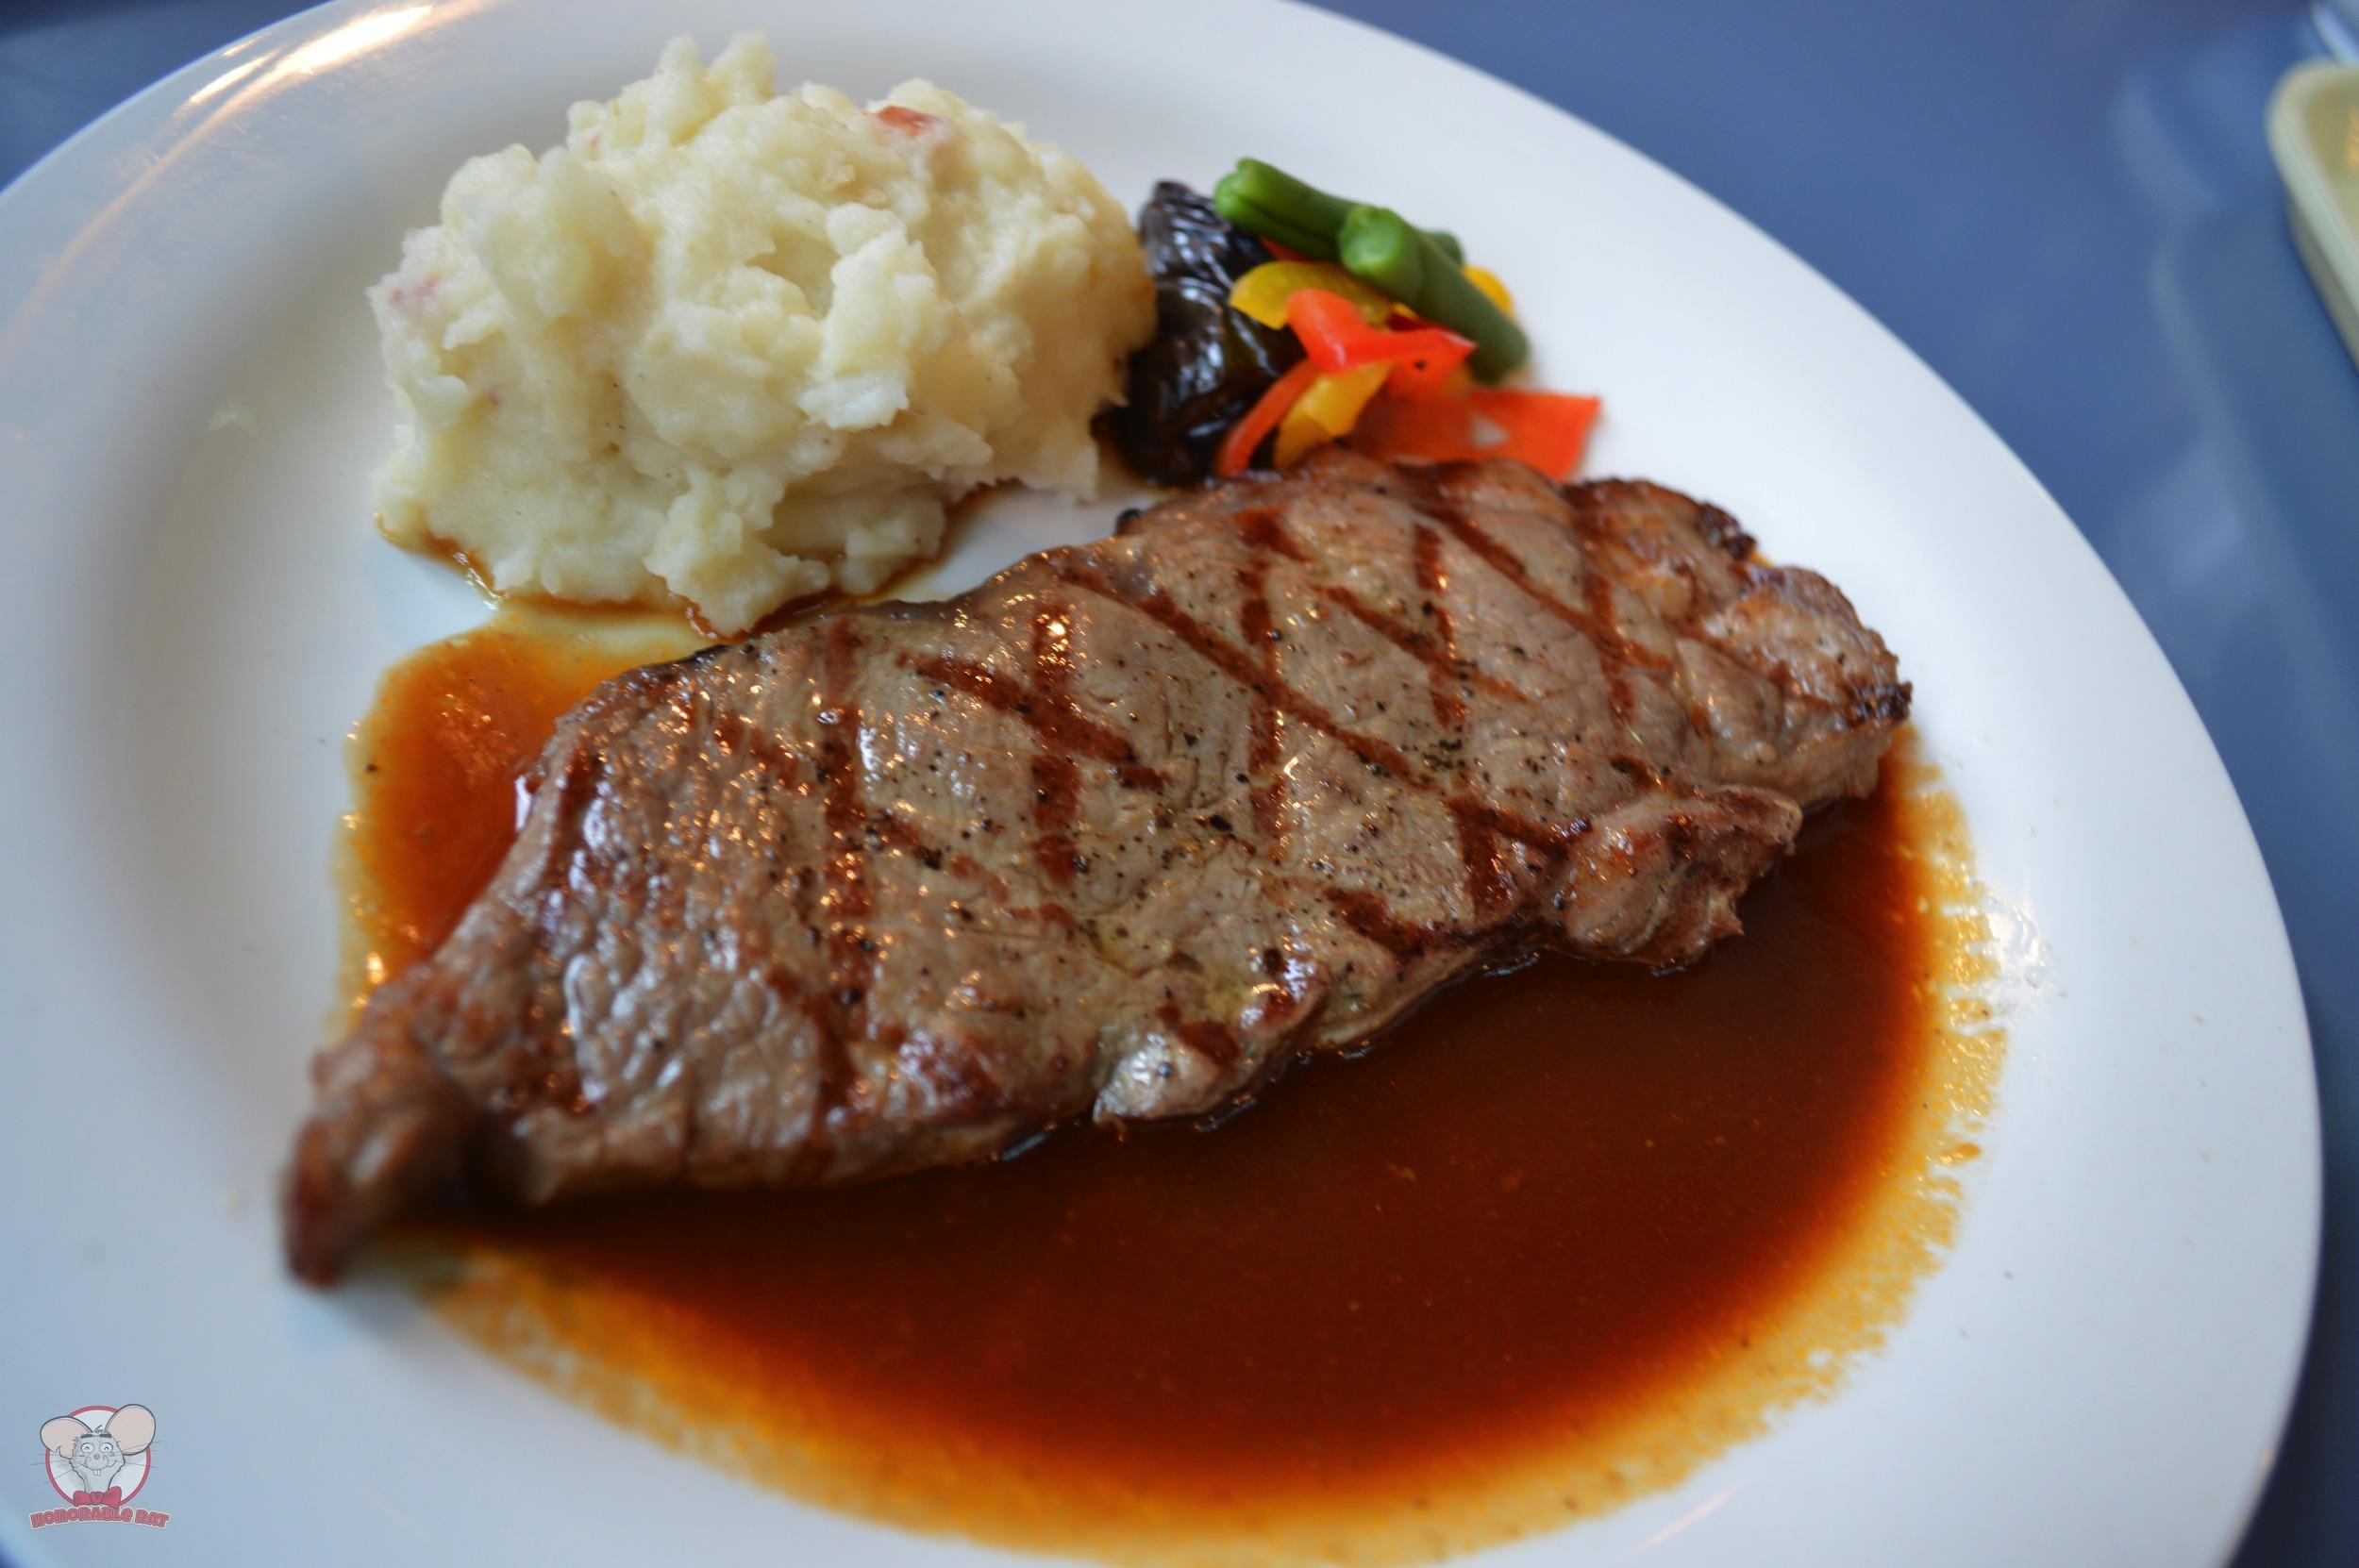 Grilled Beef Steak with Gravy (Yuzu Flavor)